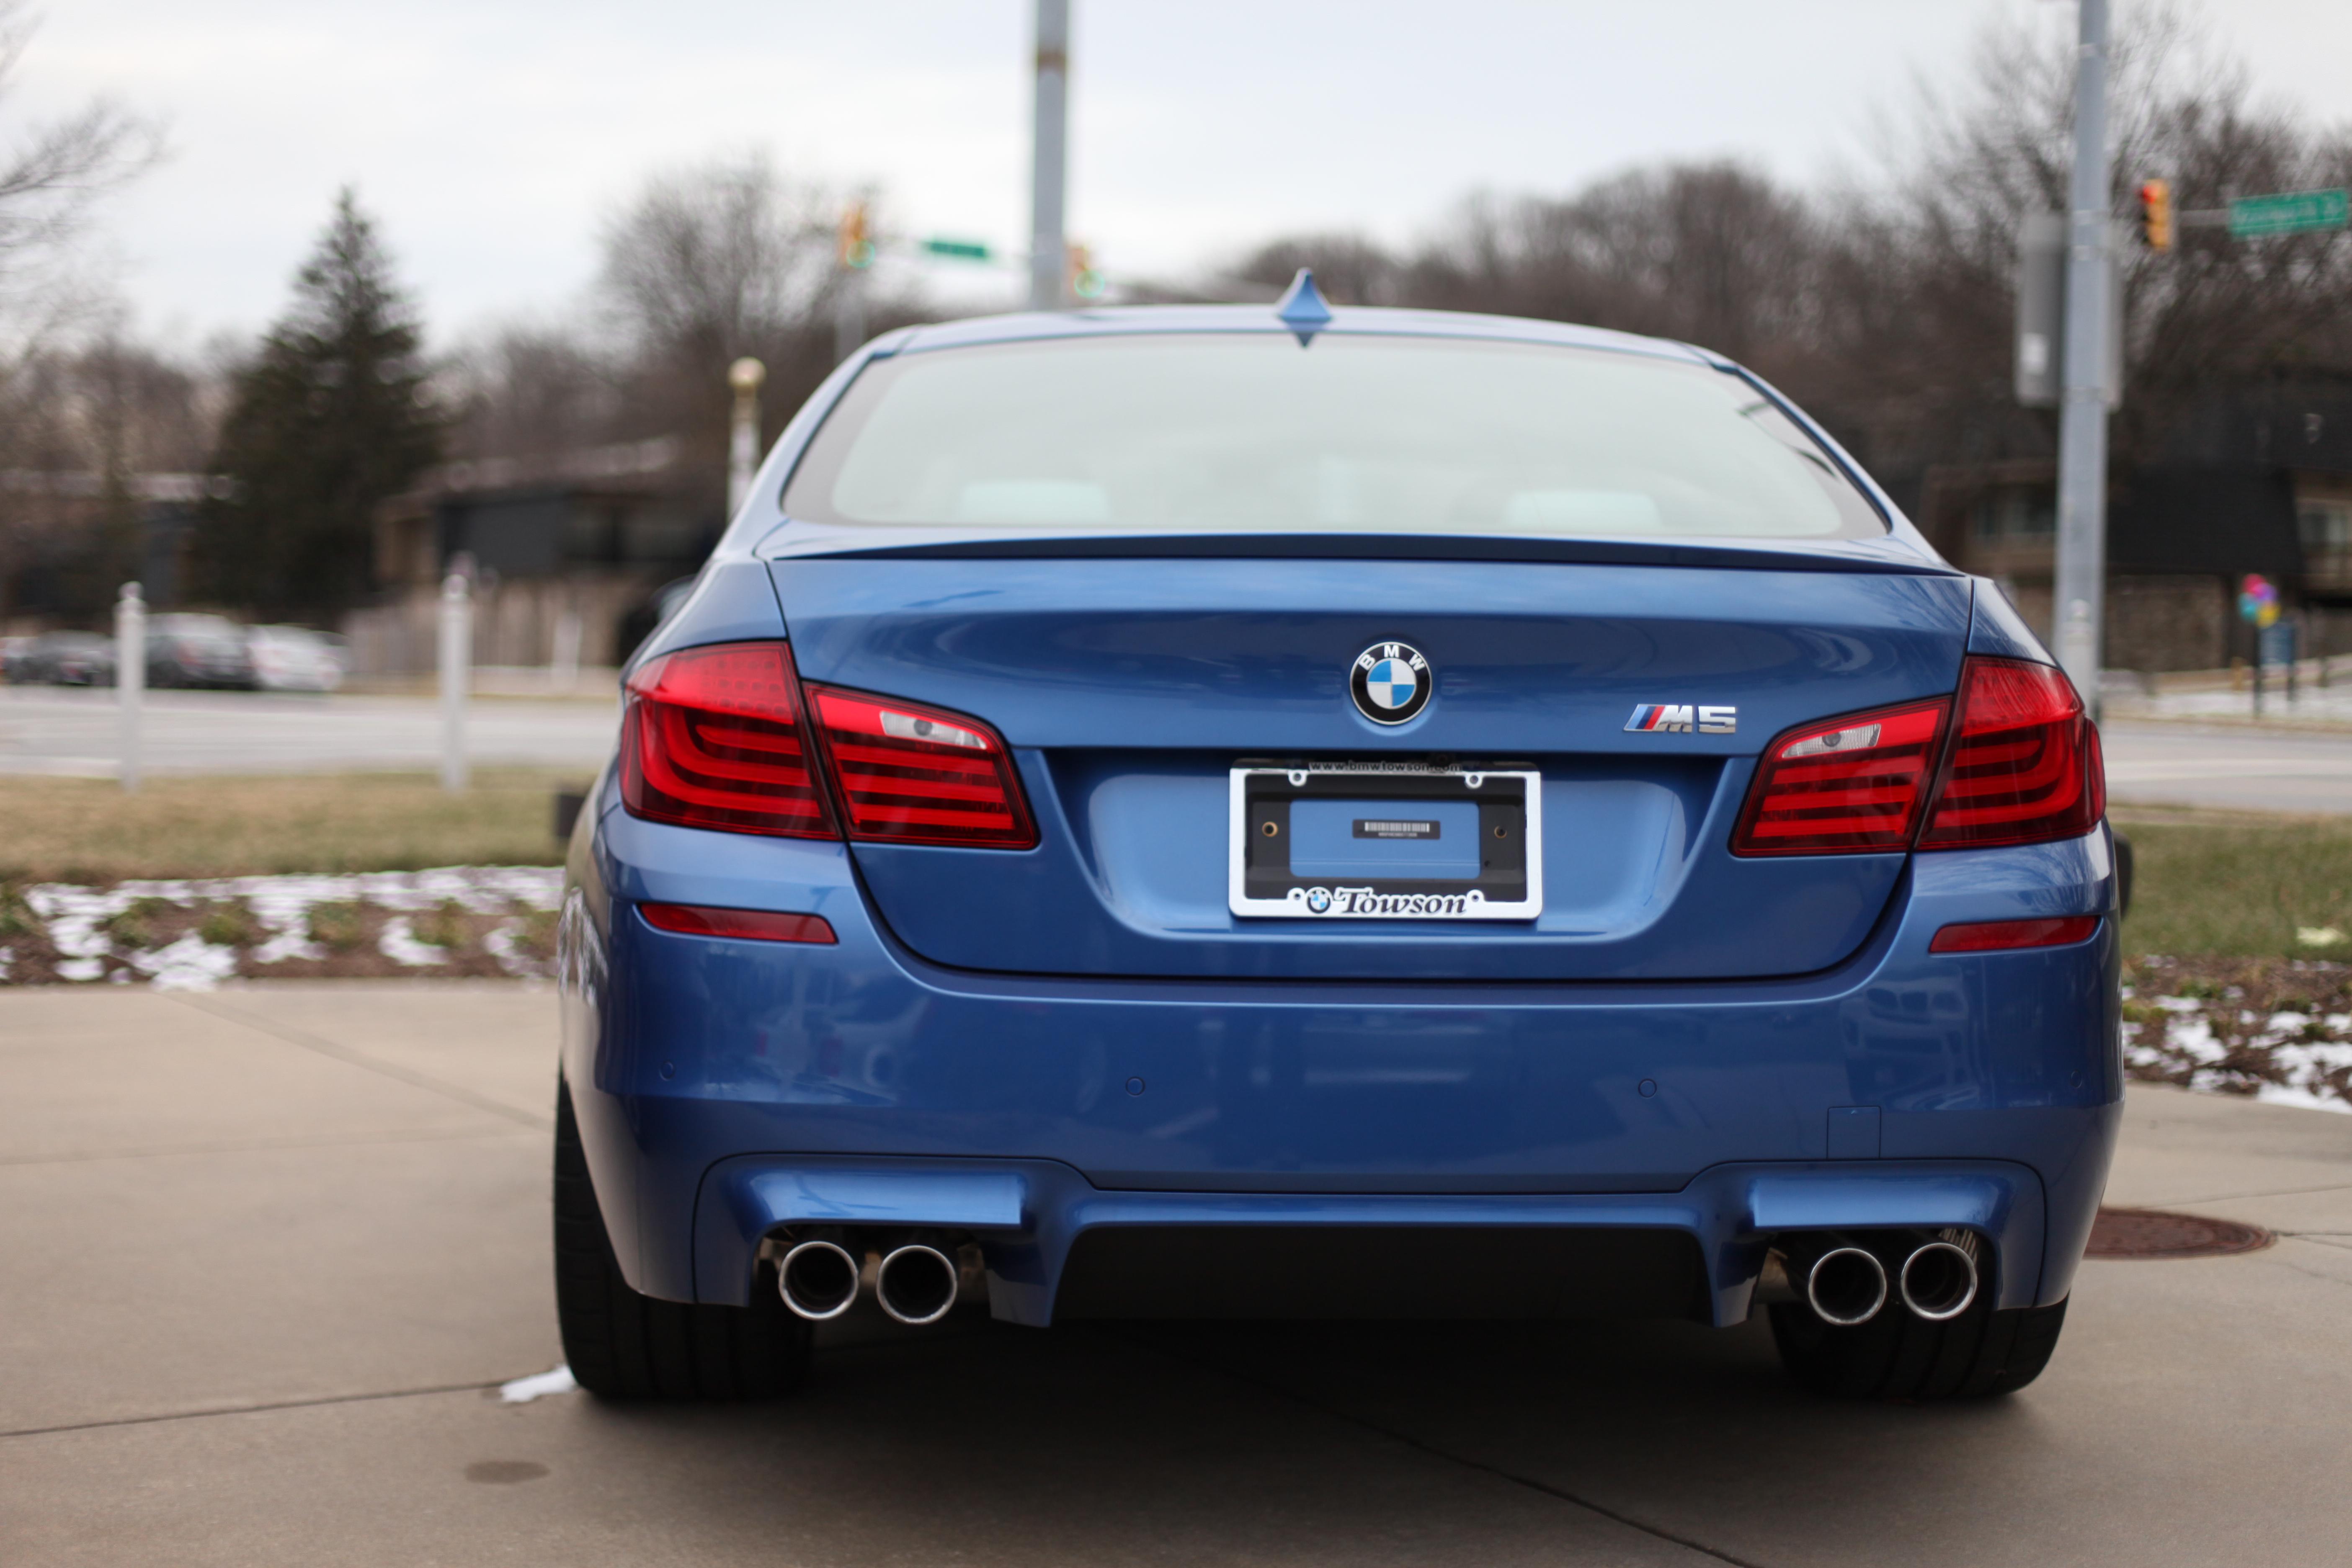 Motivation BMW M BMW I MSPORT OLD WEBSITE NEW - 2013 bmw 328i m sport package